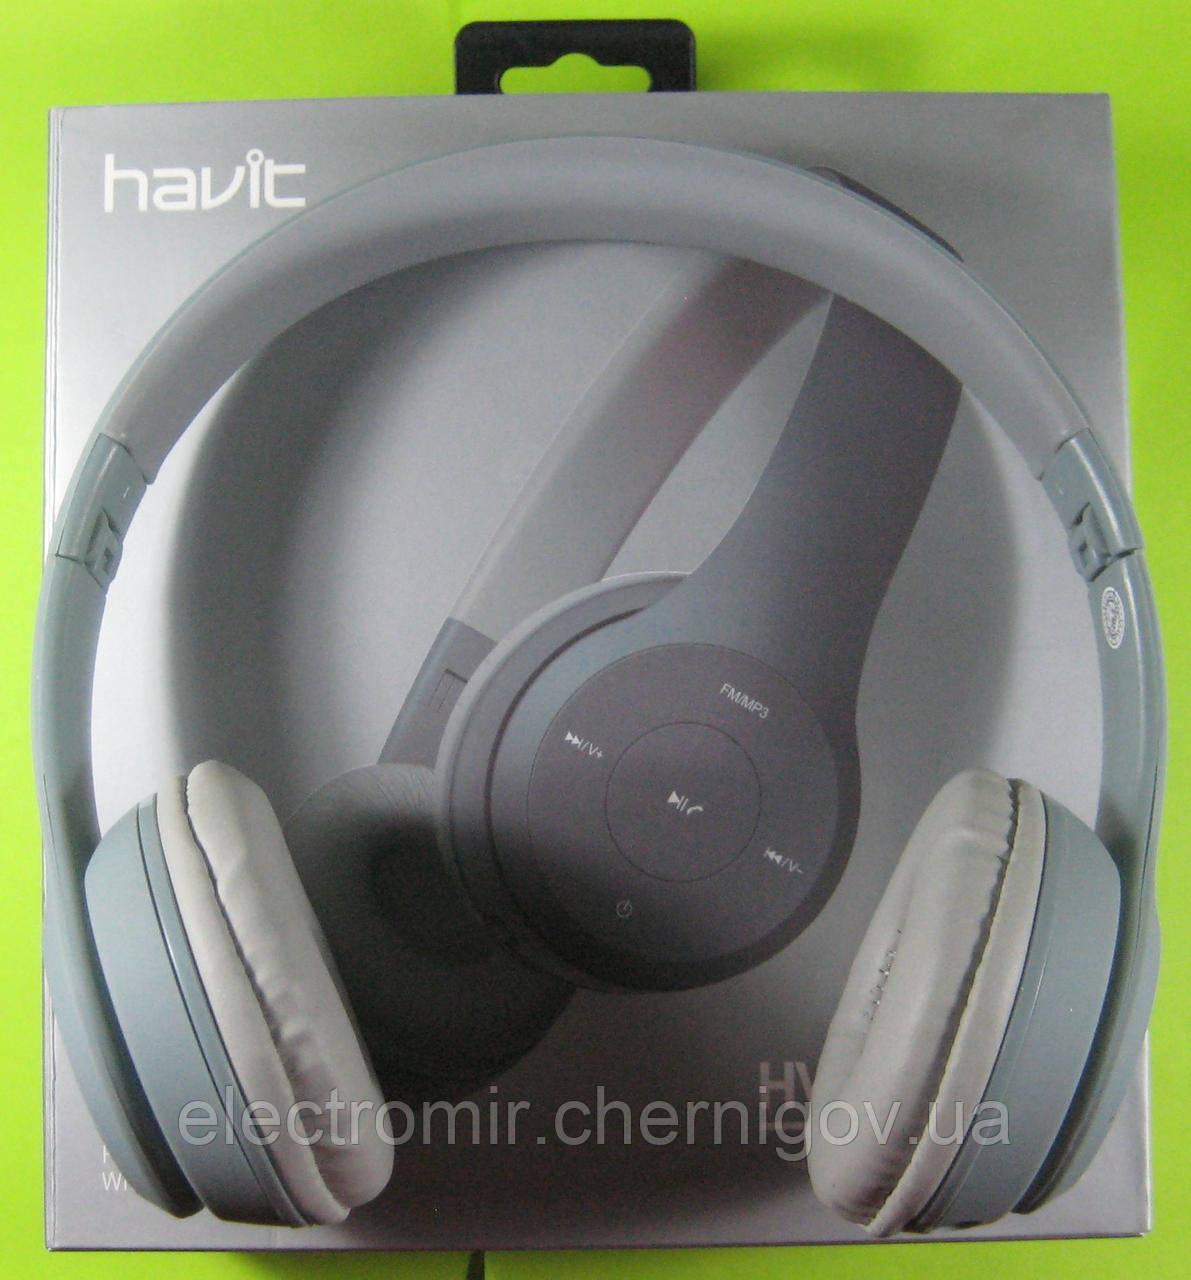 Наушники беспроводные Bluetooth Havit HV-H2575BT (серые)